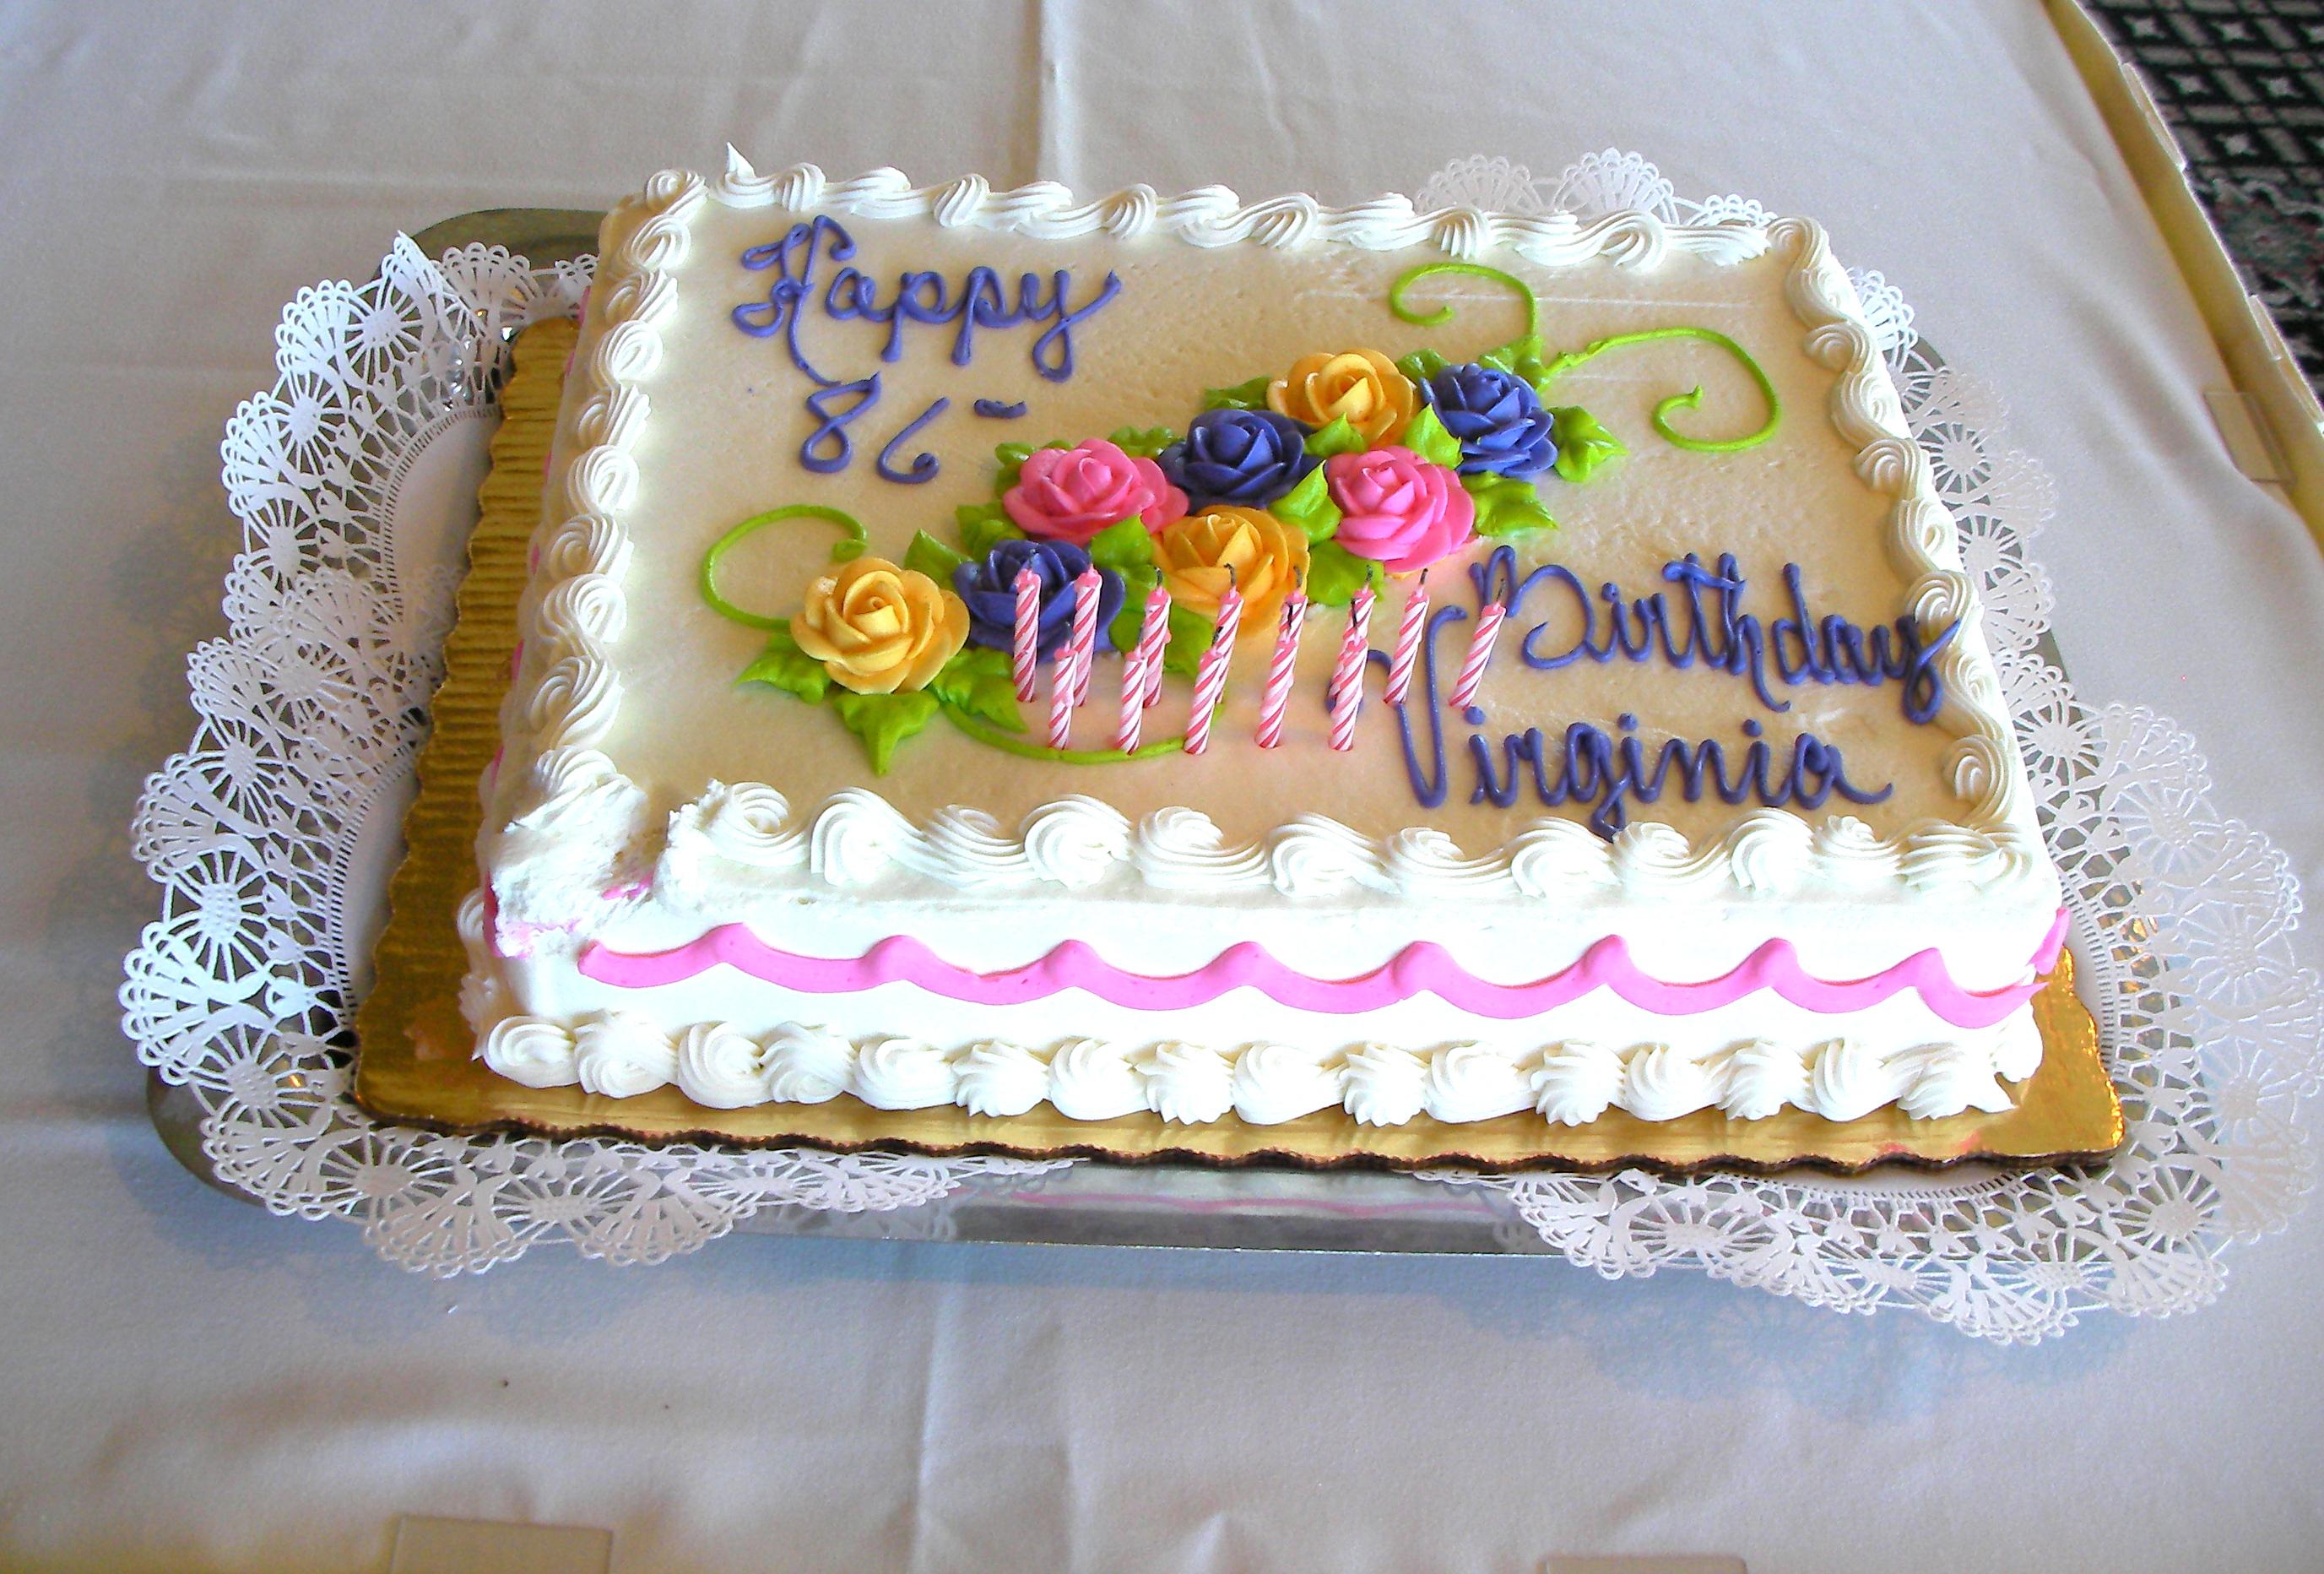 Happy Birthday Cake 2011